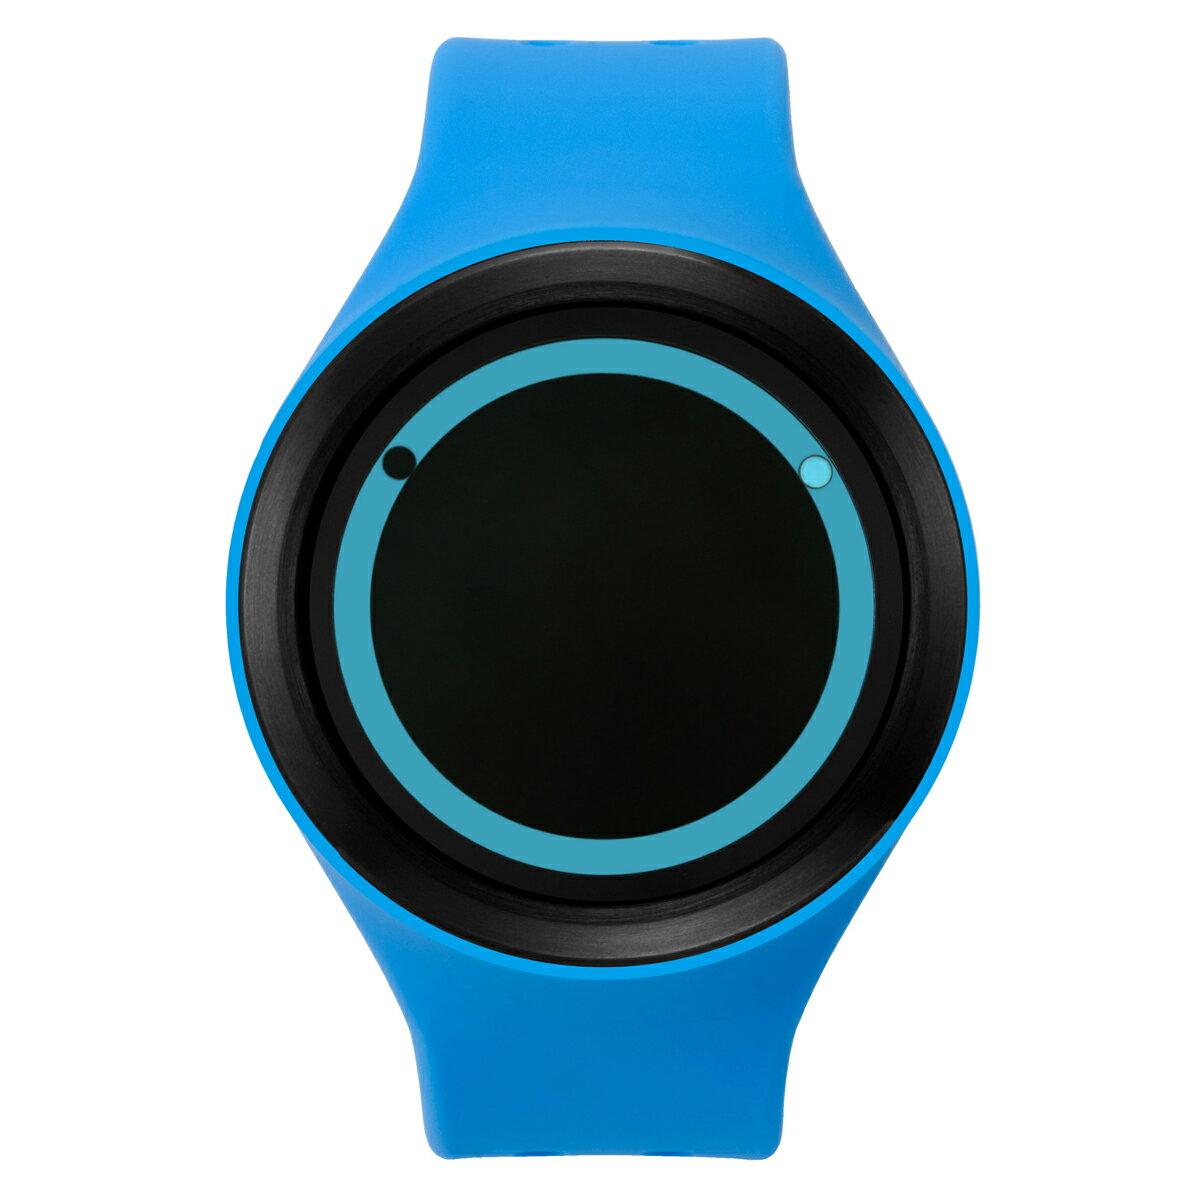 ZEROO PLANET ECLIPSE ゼロ 電池式クォーツ 腕時計 [W00901B03SR04] ブルー デザインウォッチ ペア用 メンズ レディース ユニセックス おしゃれ時計 デザイナーズ